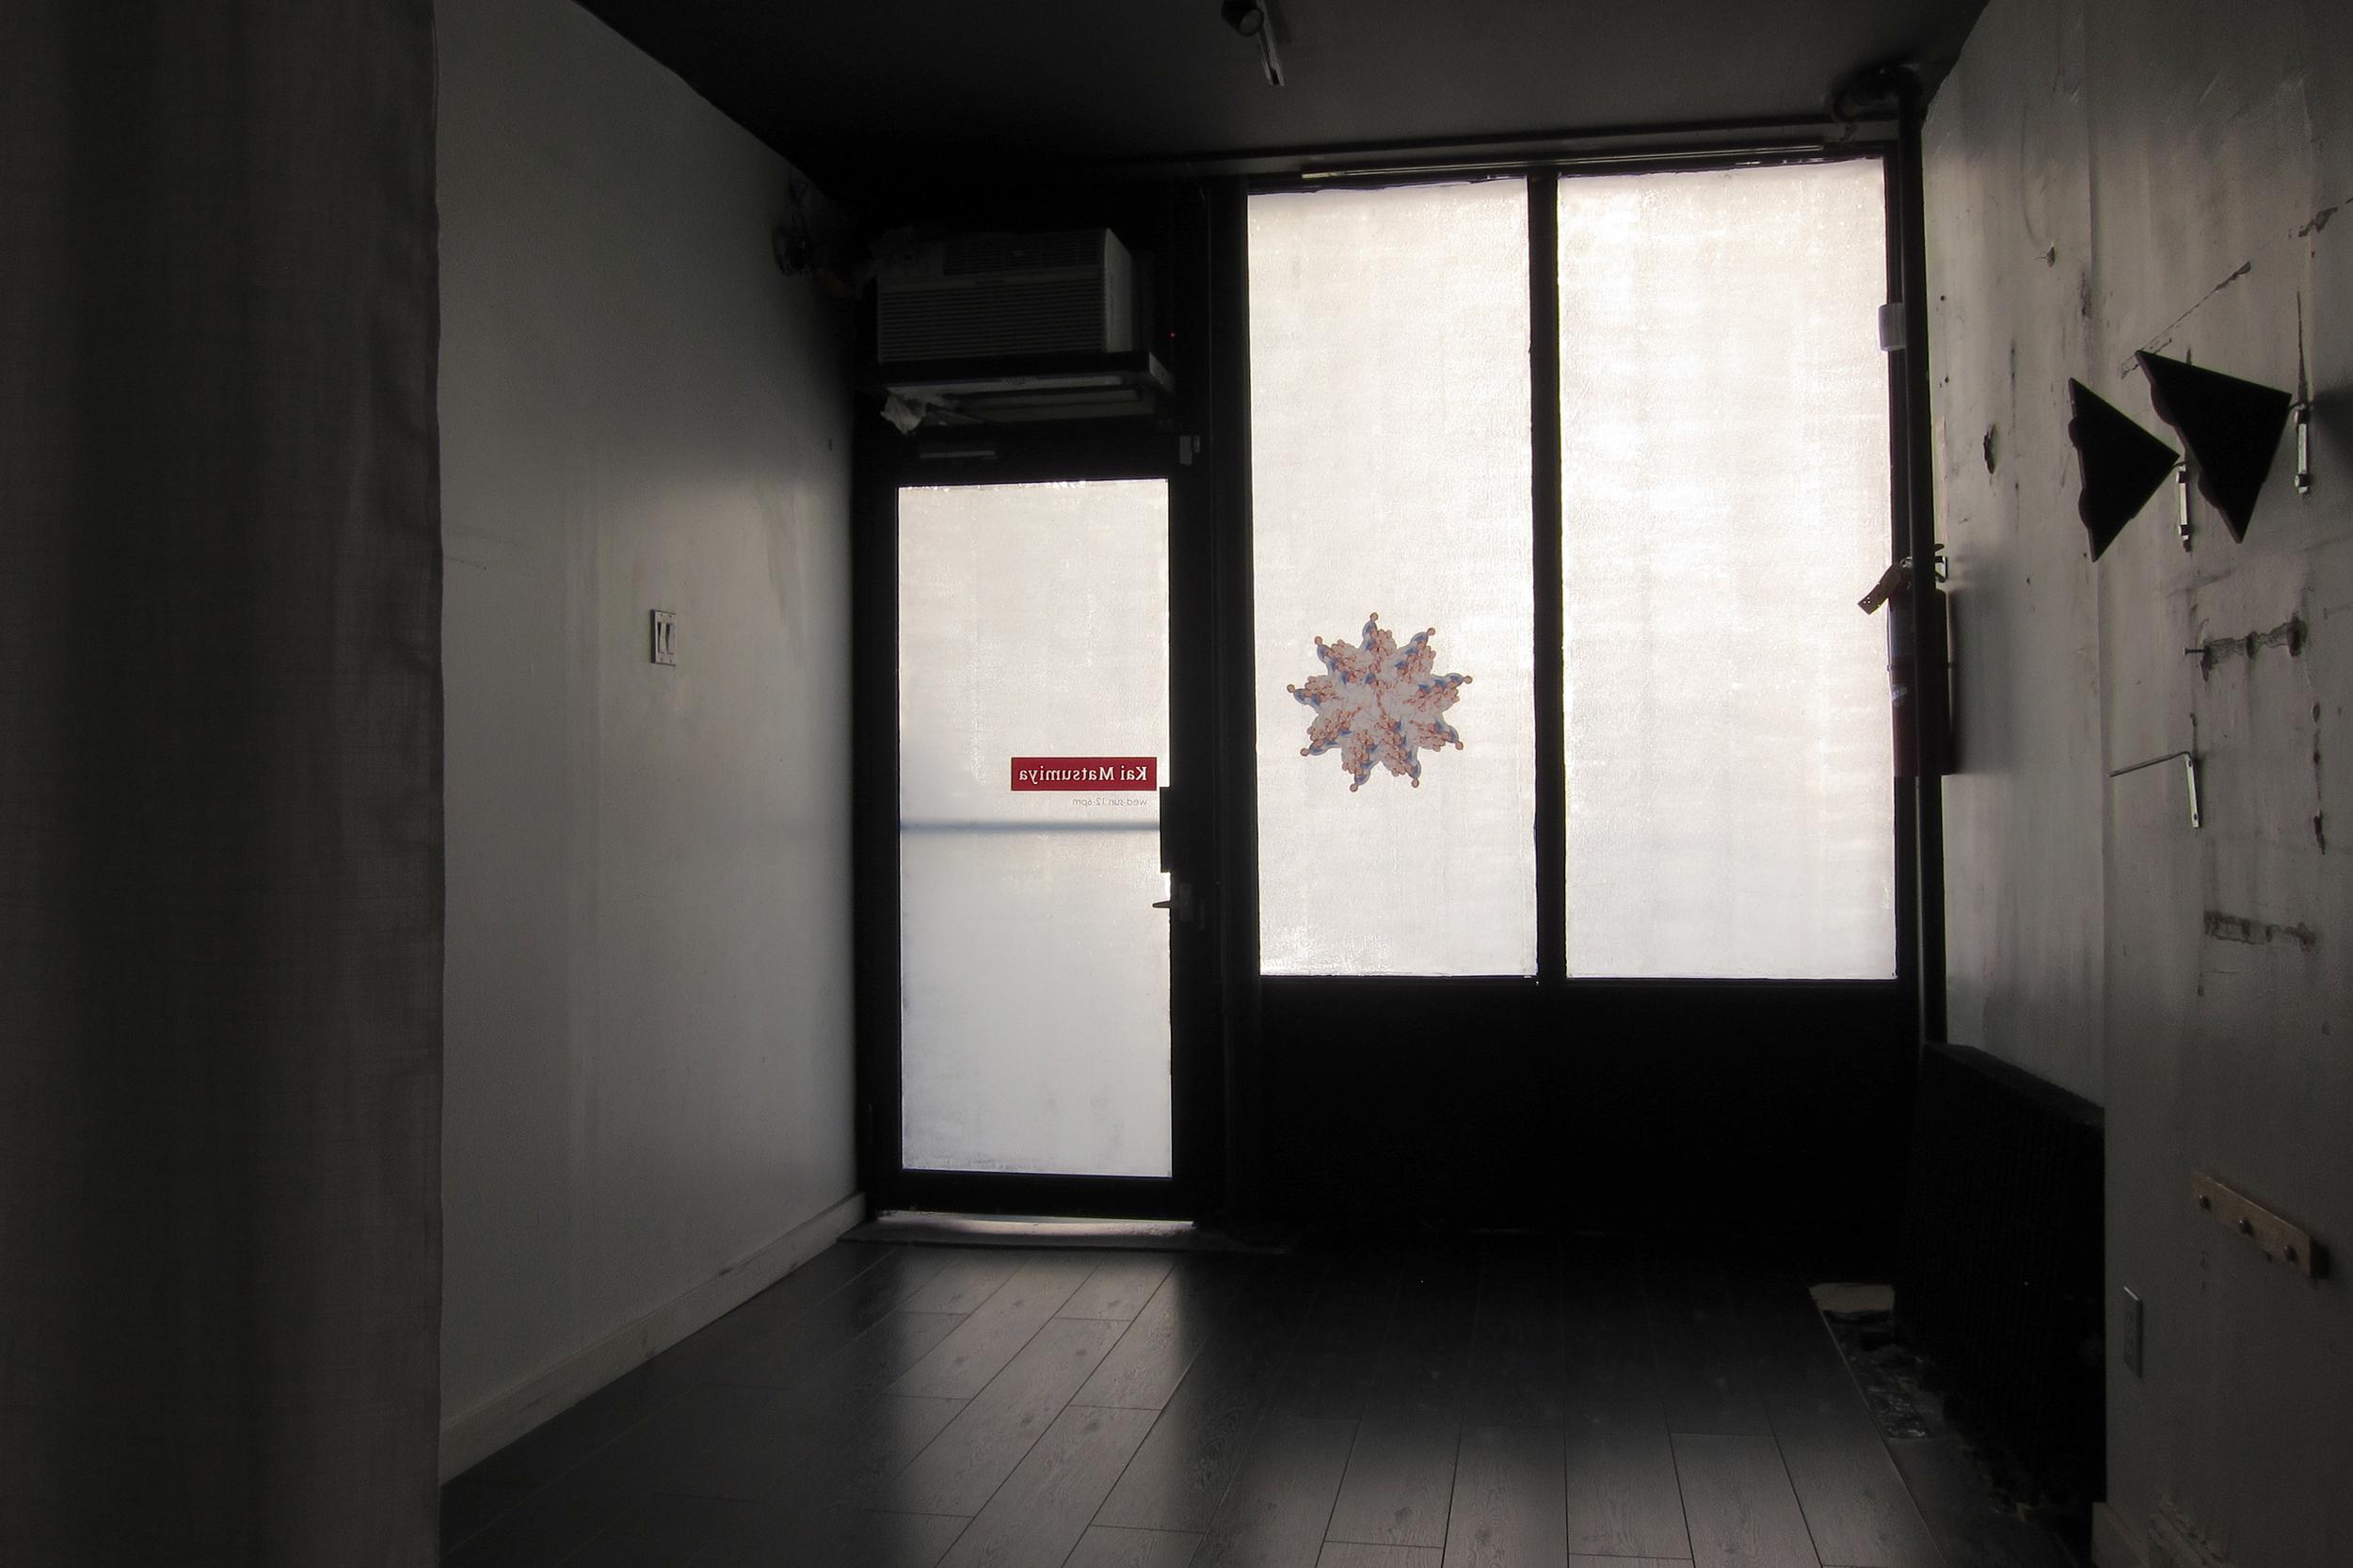 Starschnitt, Kai Matsumiya Gallery, Photo by Markues_13.jpg